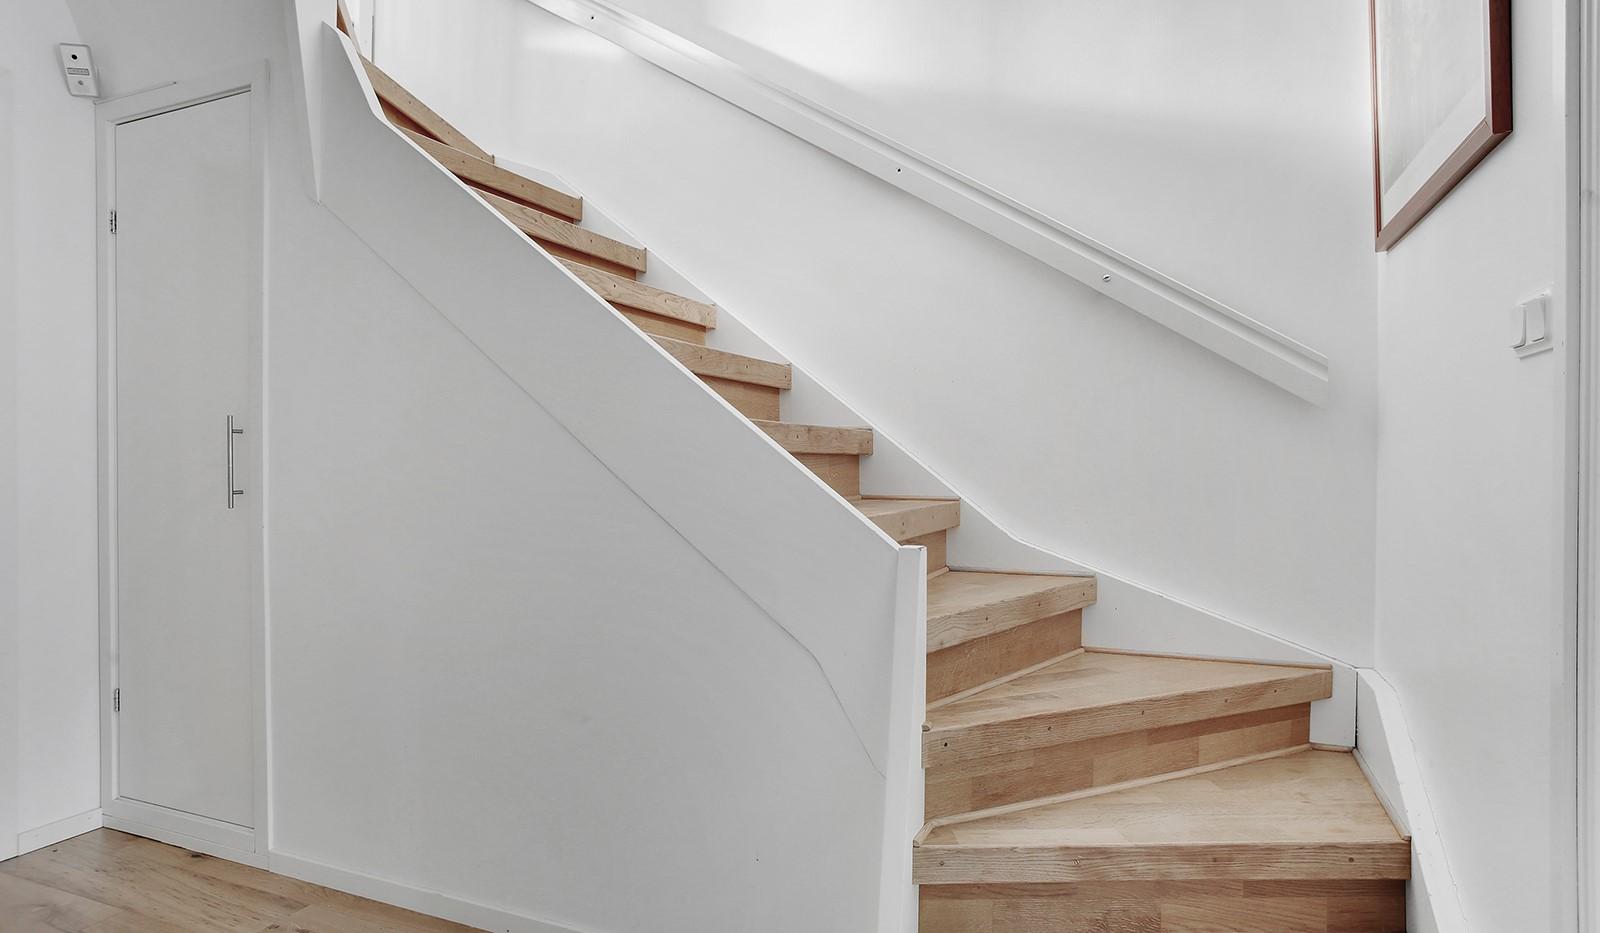 Hallundavägen 83 - Förråd under trappan